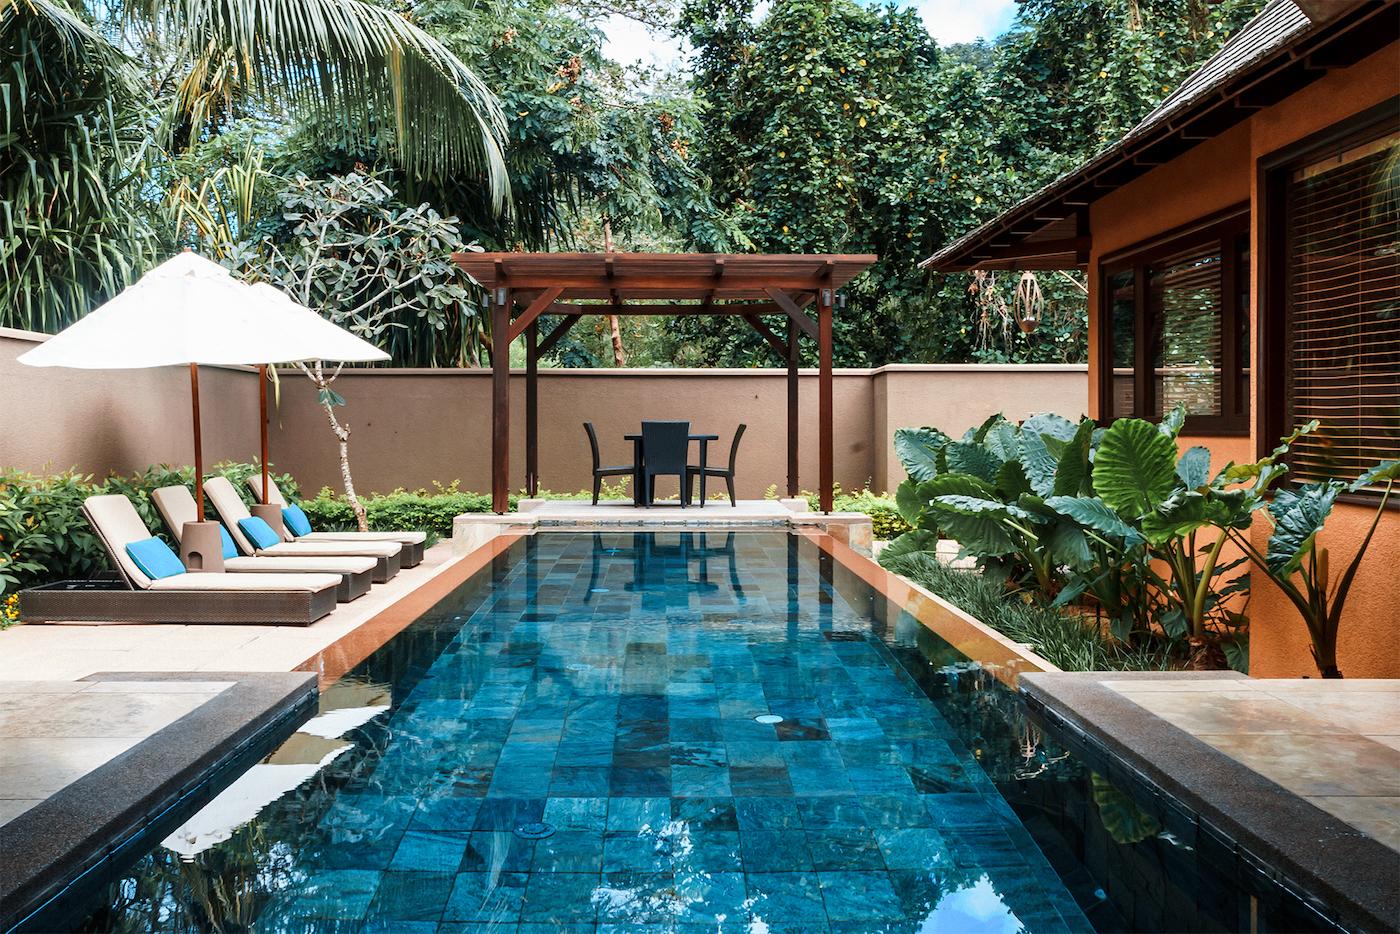 Traumurlaub im Constance Ephelia Hotel auf den Seychellen 2